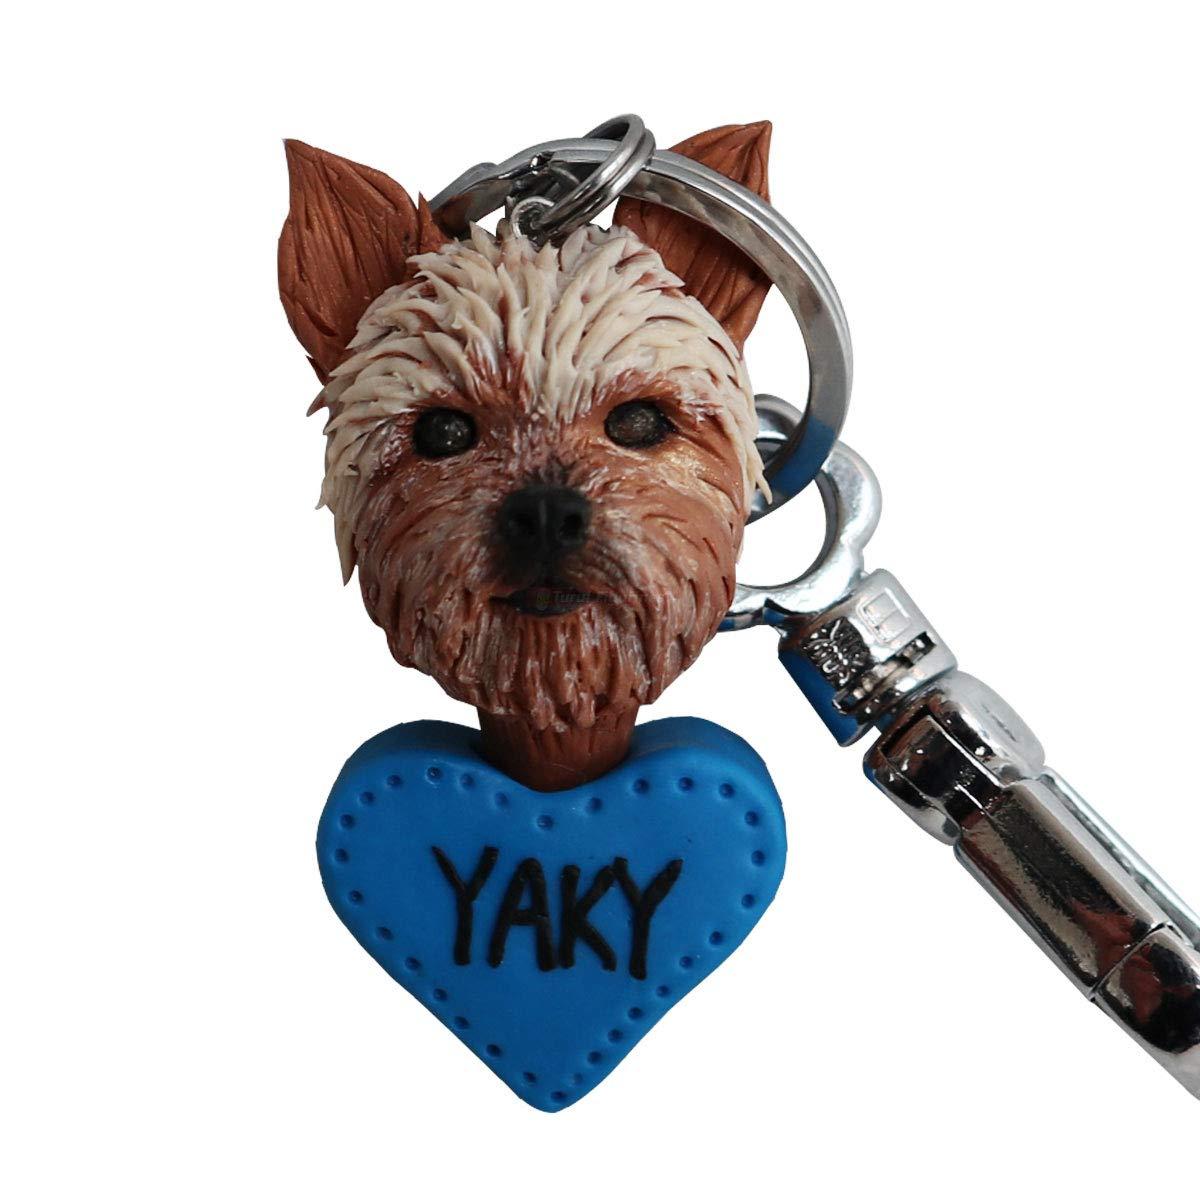 llavero de perro conmemorativo Pérdida de mascota Llavero conmemorativo Regalos para perro Mamá Dueño de mascota Perro Hombres Perro Gato Recuerdo Simpatía Llavero Regalos